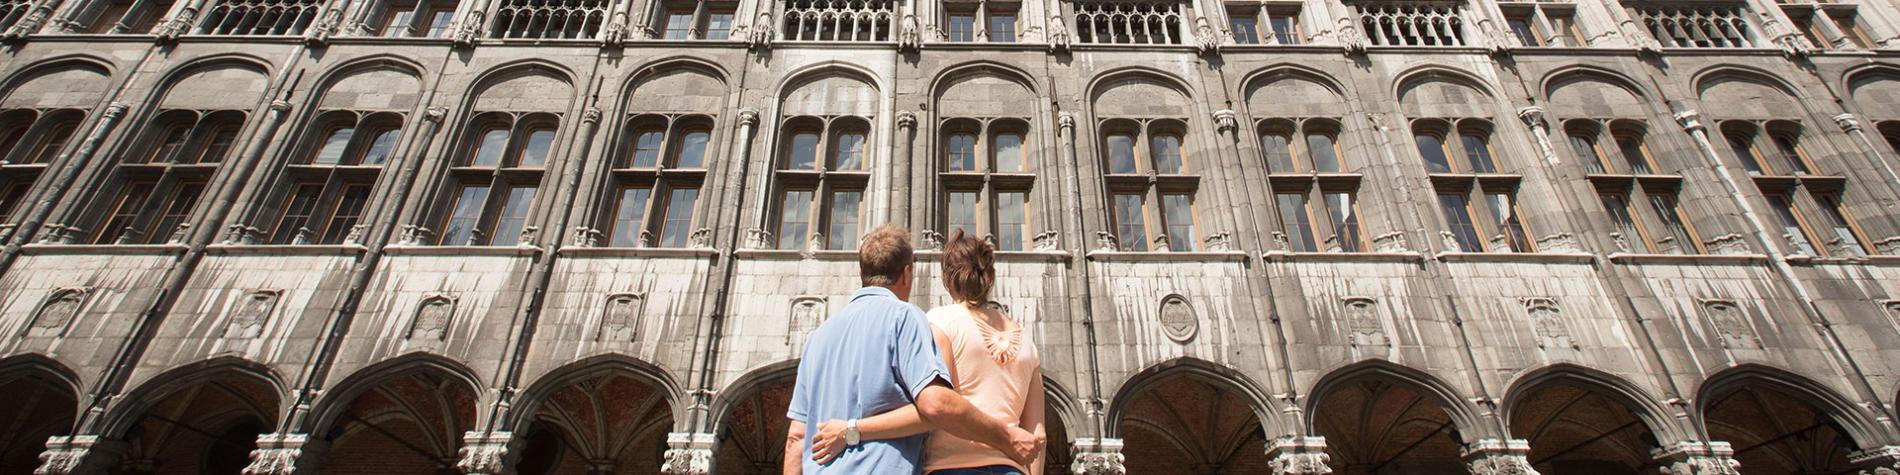 Liège - couple - Palais des Princes Évêque